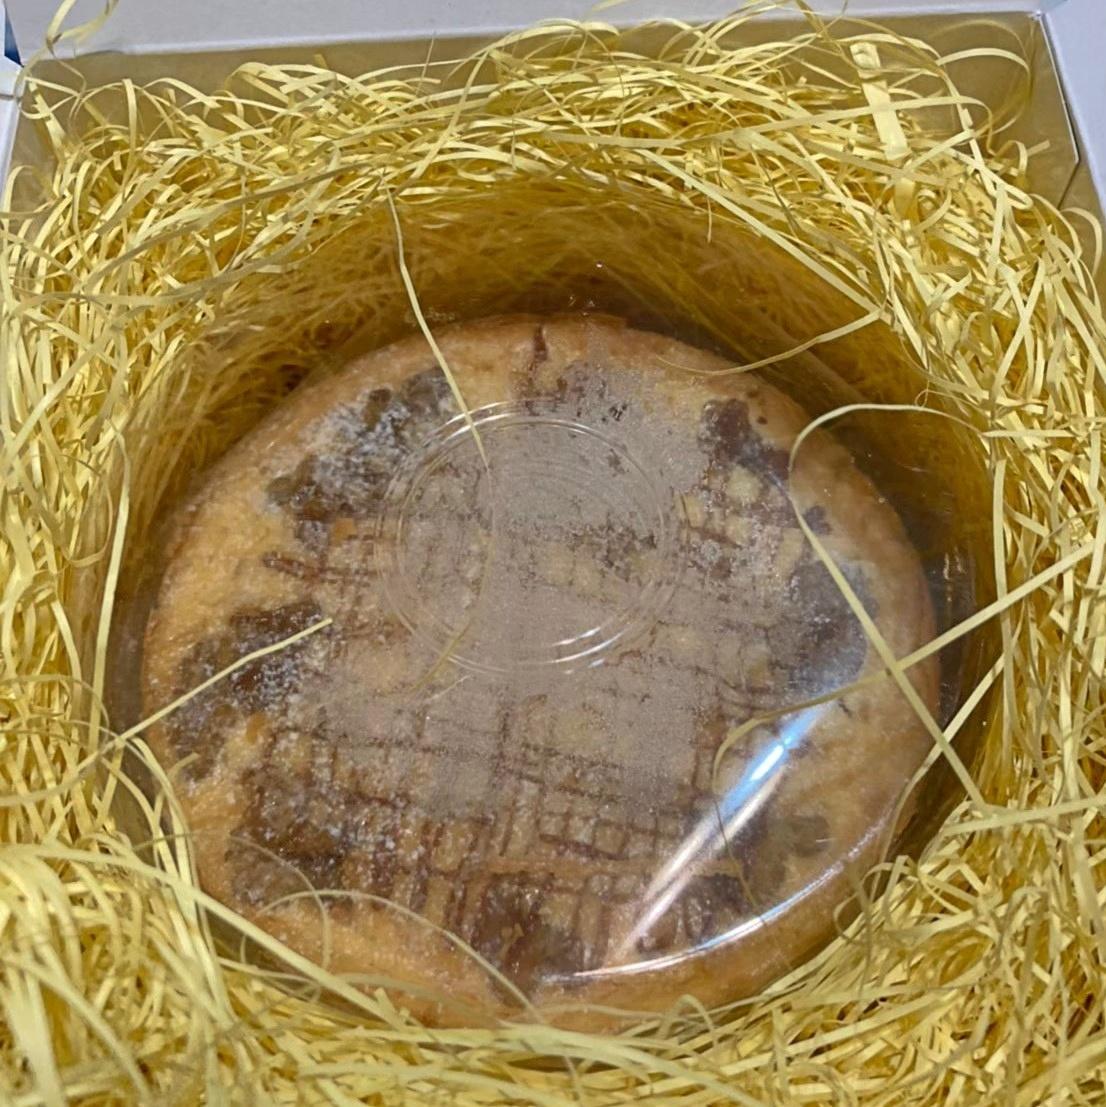 塩キャラメルチーズケーキ 4号 お取り寄せスイーツ ギフトや手土産にも チーズケーキ専門店 人気ナンバーワン商品 すずとら 3~4人用 ホールケーキ 直径12㎝ 冷凍